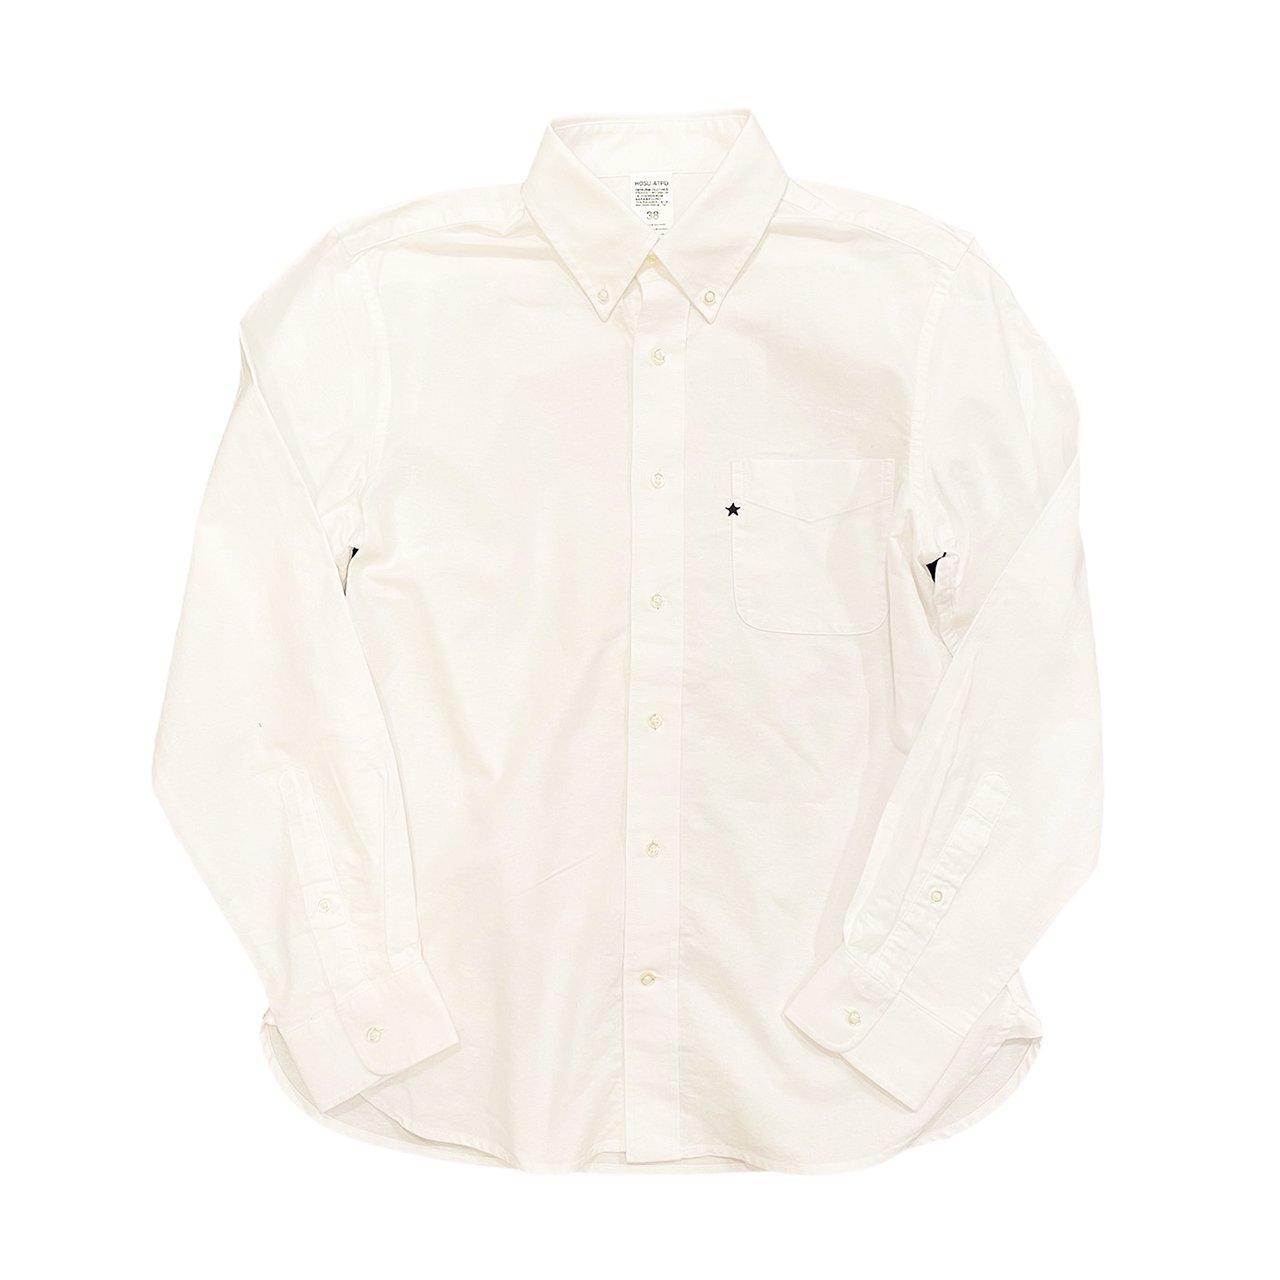 HOSU オックスフォードシャツ(星刺繍)/ホワイト、グレー